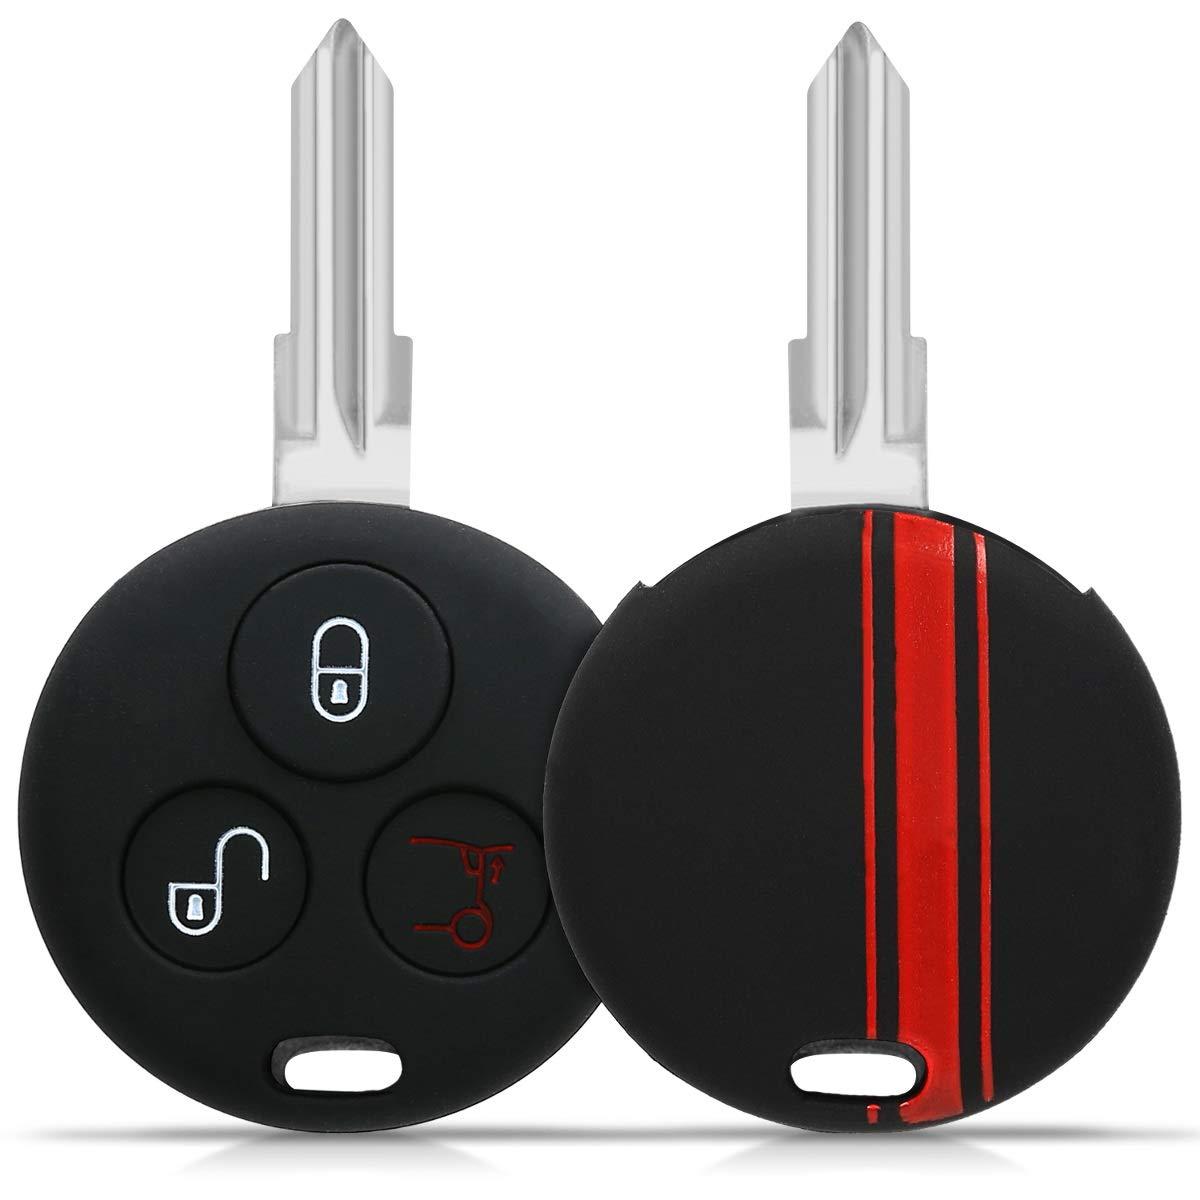 Coque pour Clef de Voiture /à Distance Smart 3-Bouton en Silicone Noir kwmobile Accessoire cl/é de Voiture pour Smart /Étui de Protection Souple